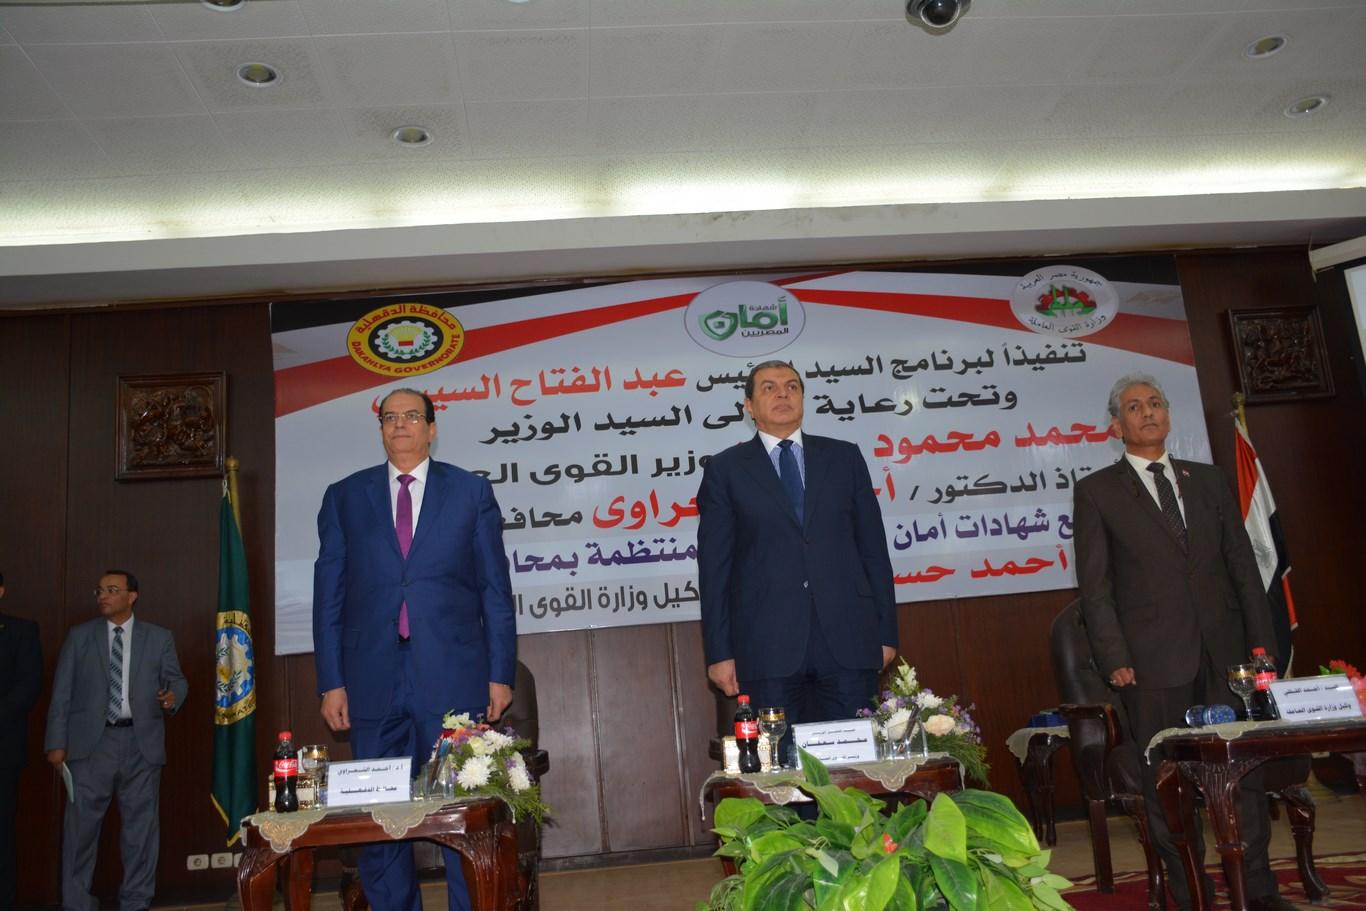 محمد سعفان وزير القوى العاملة (1)